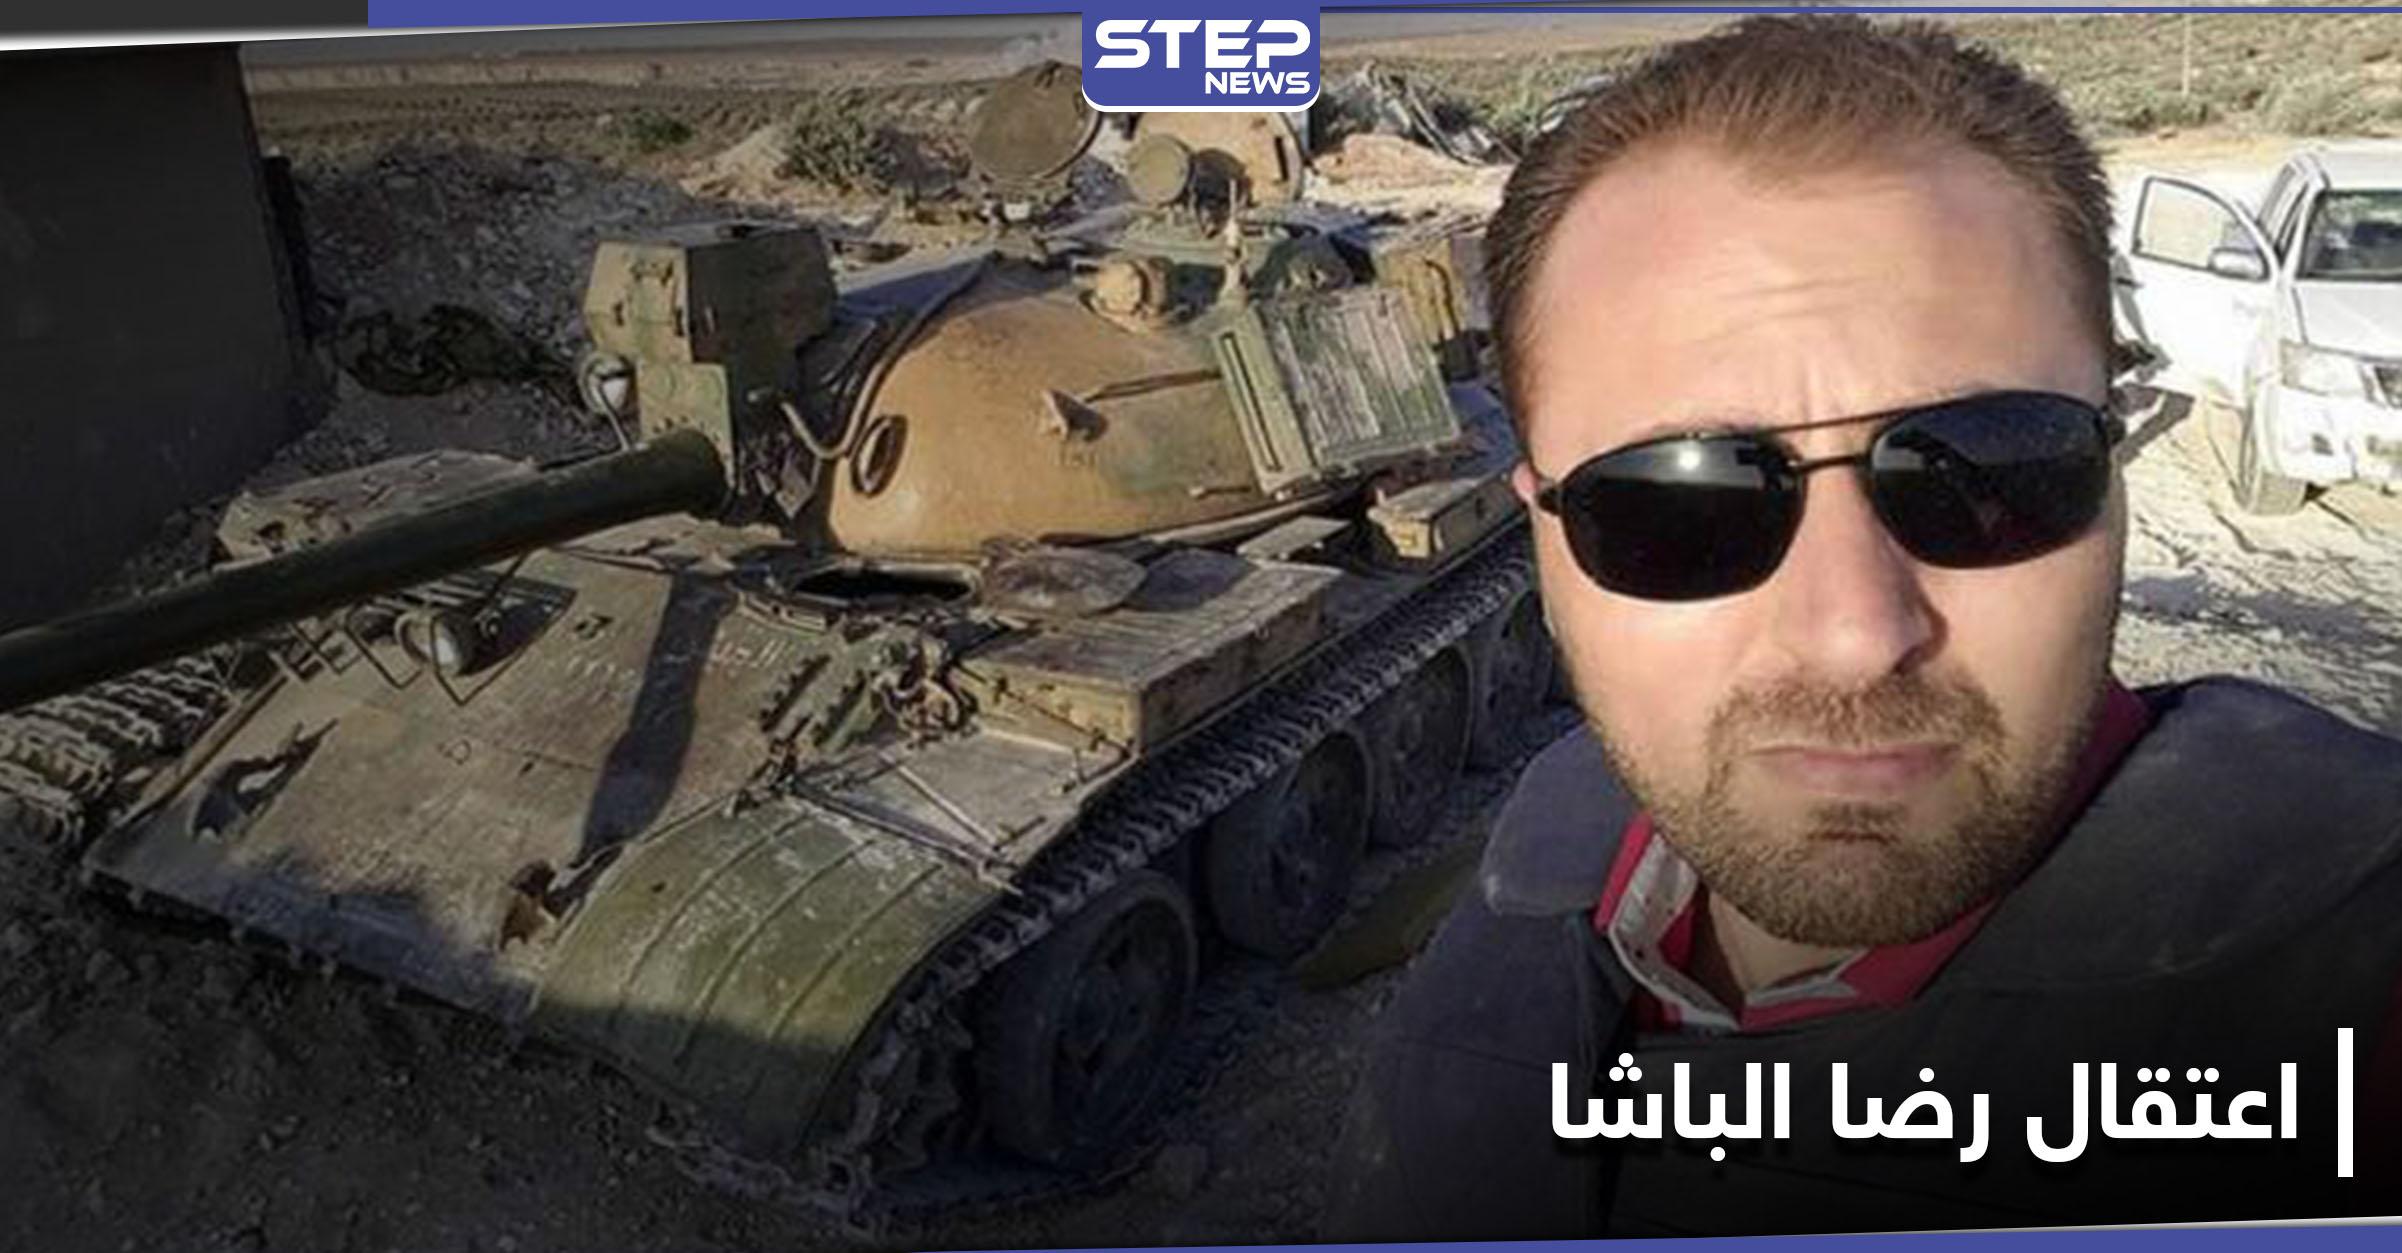 النظام السوري يعتقل رضا الباشا